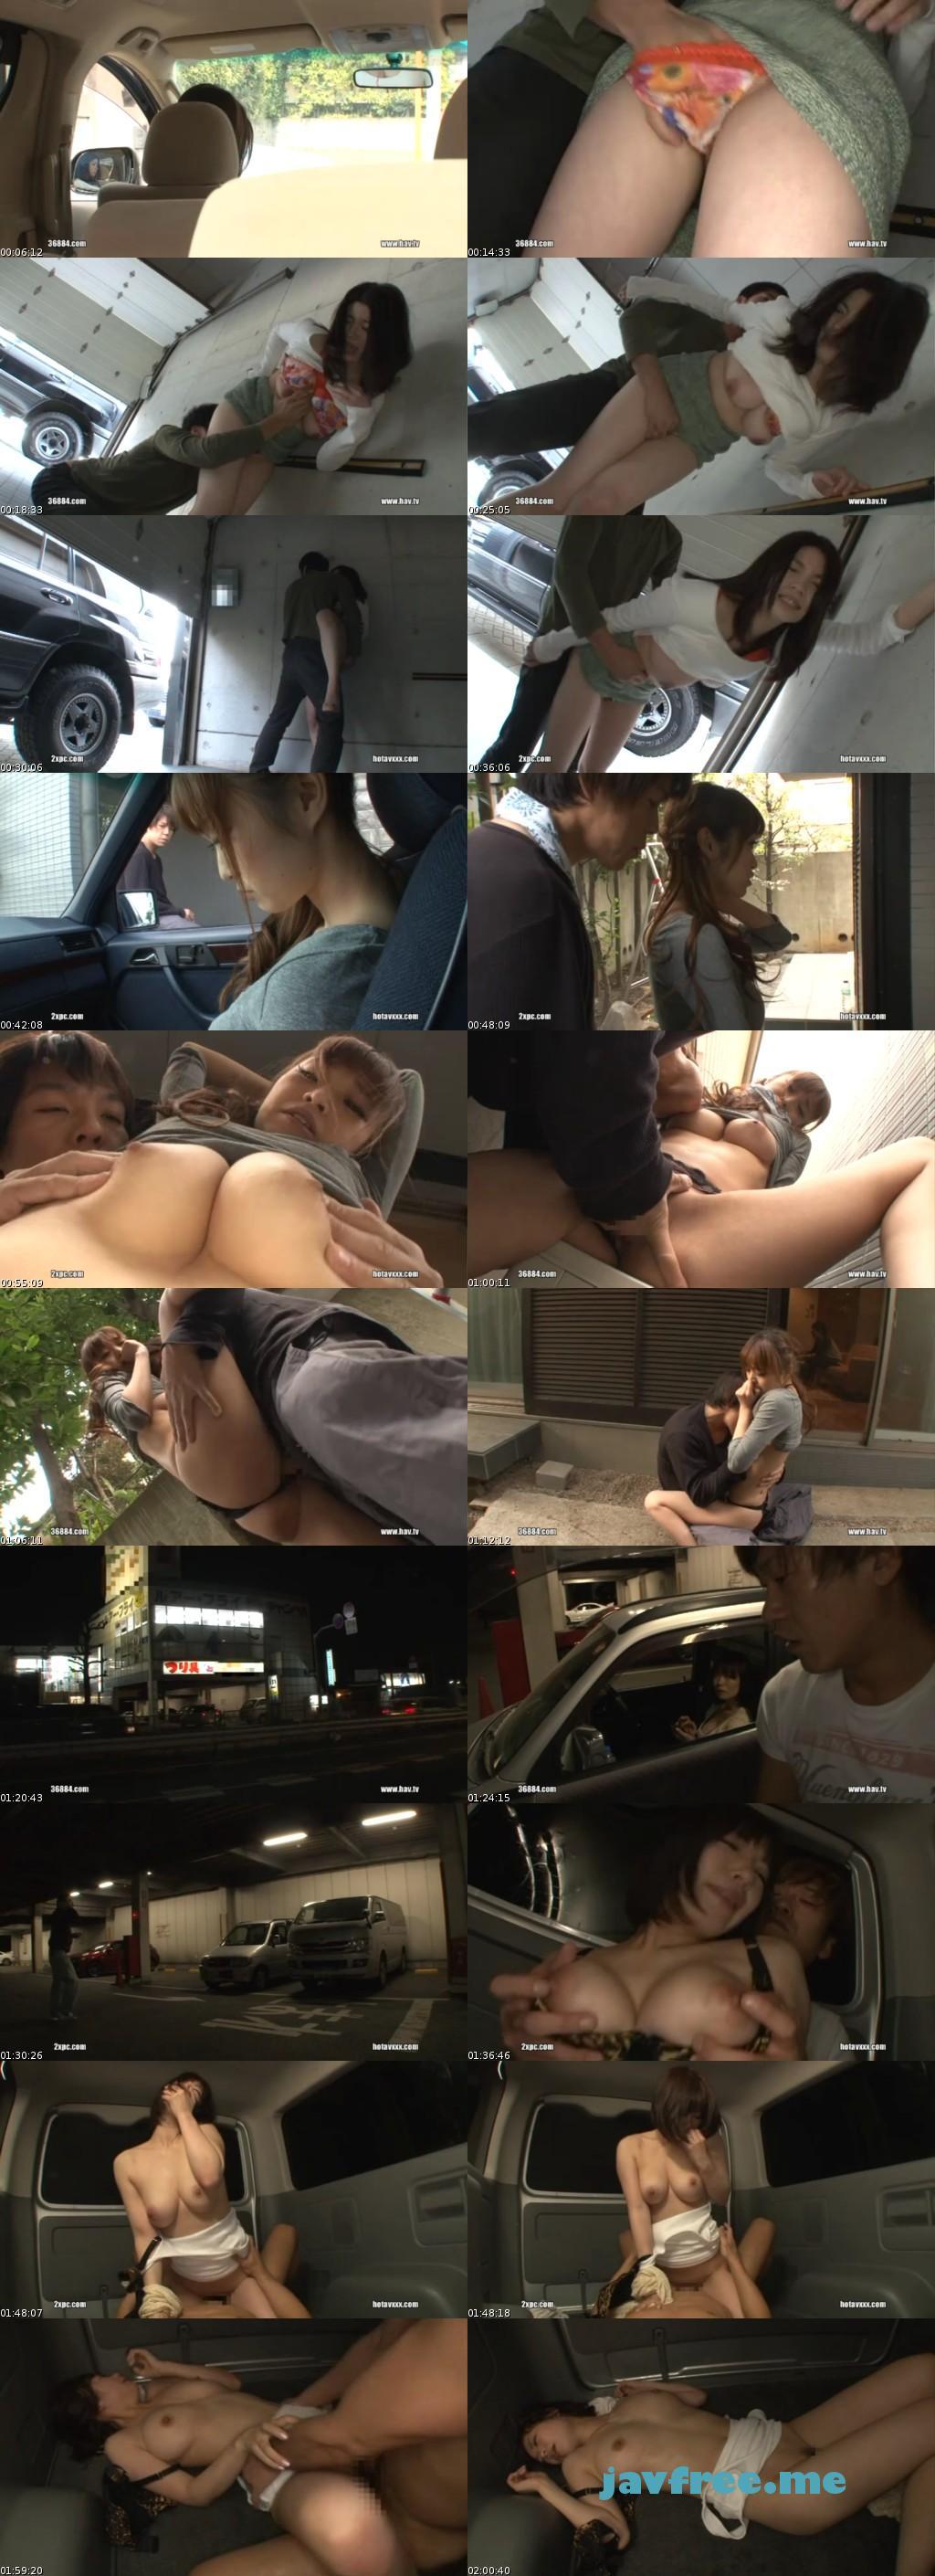 [RDT-153] 目の前に止まった車の助手席にいる、すまし顔した女の胸があまりにも大きくて… 2 - image RDT-153 on https://javfree.me